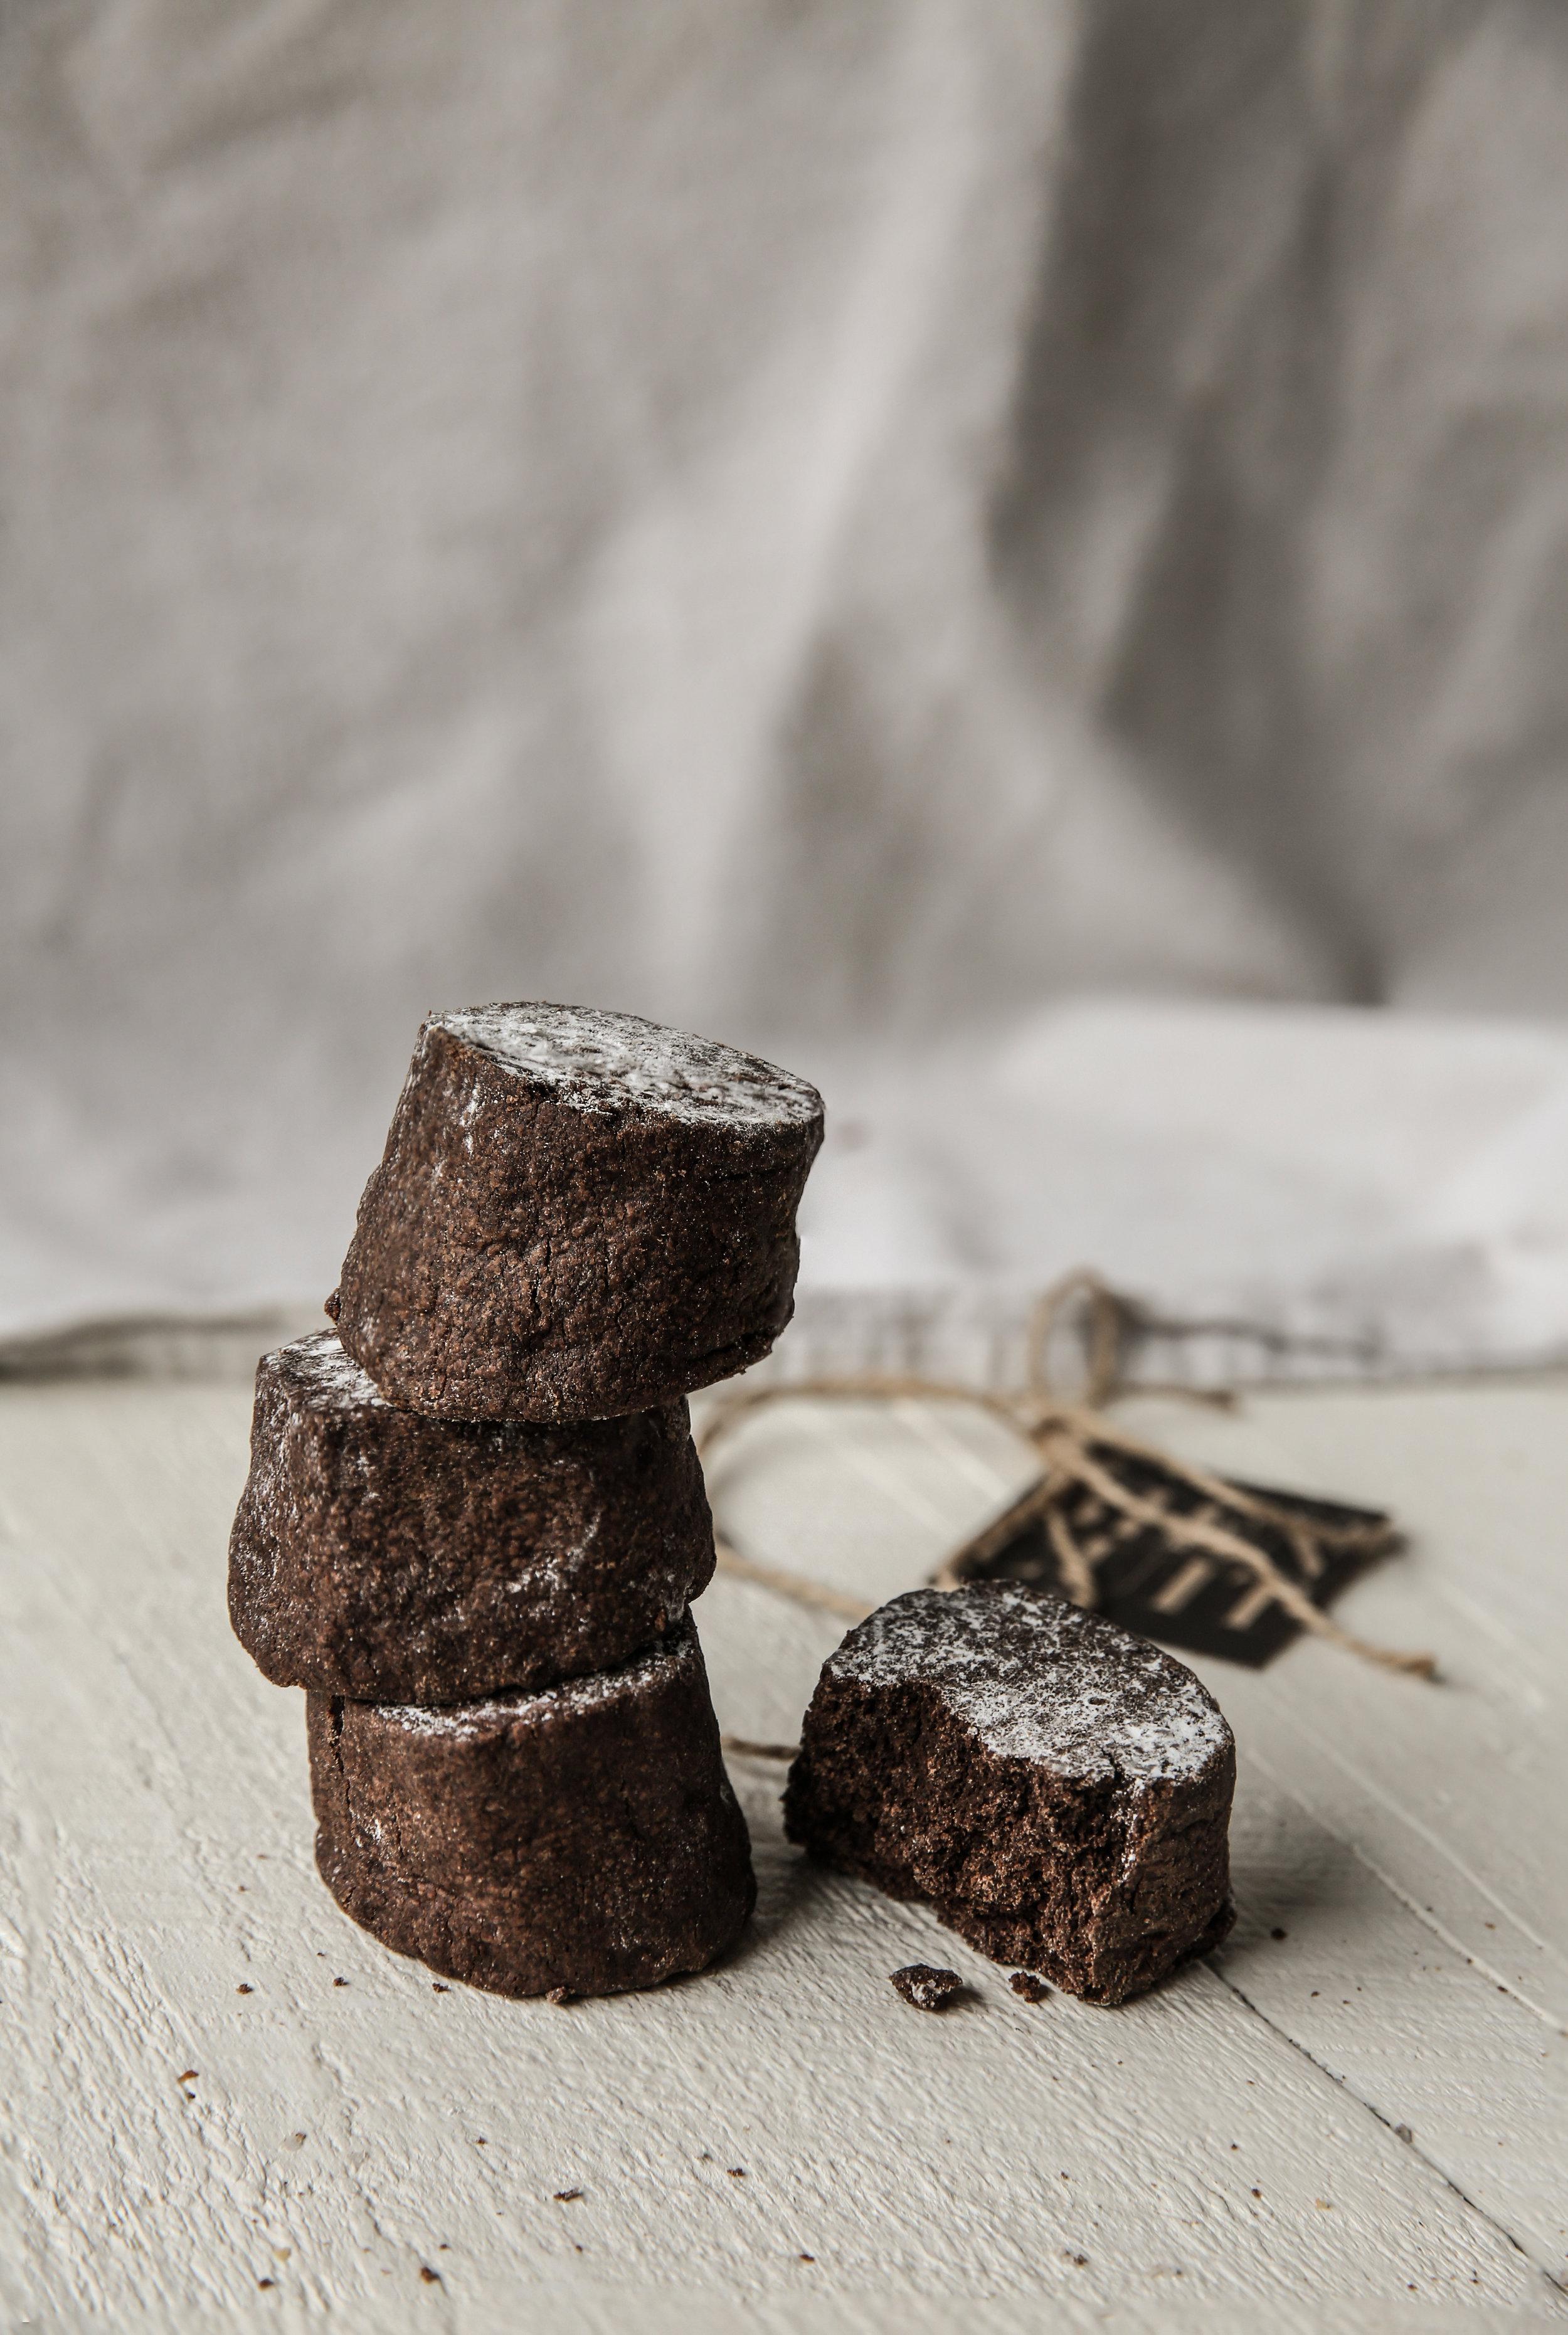 choco cookies stack (1).jpg